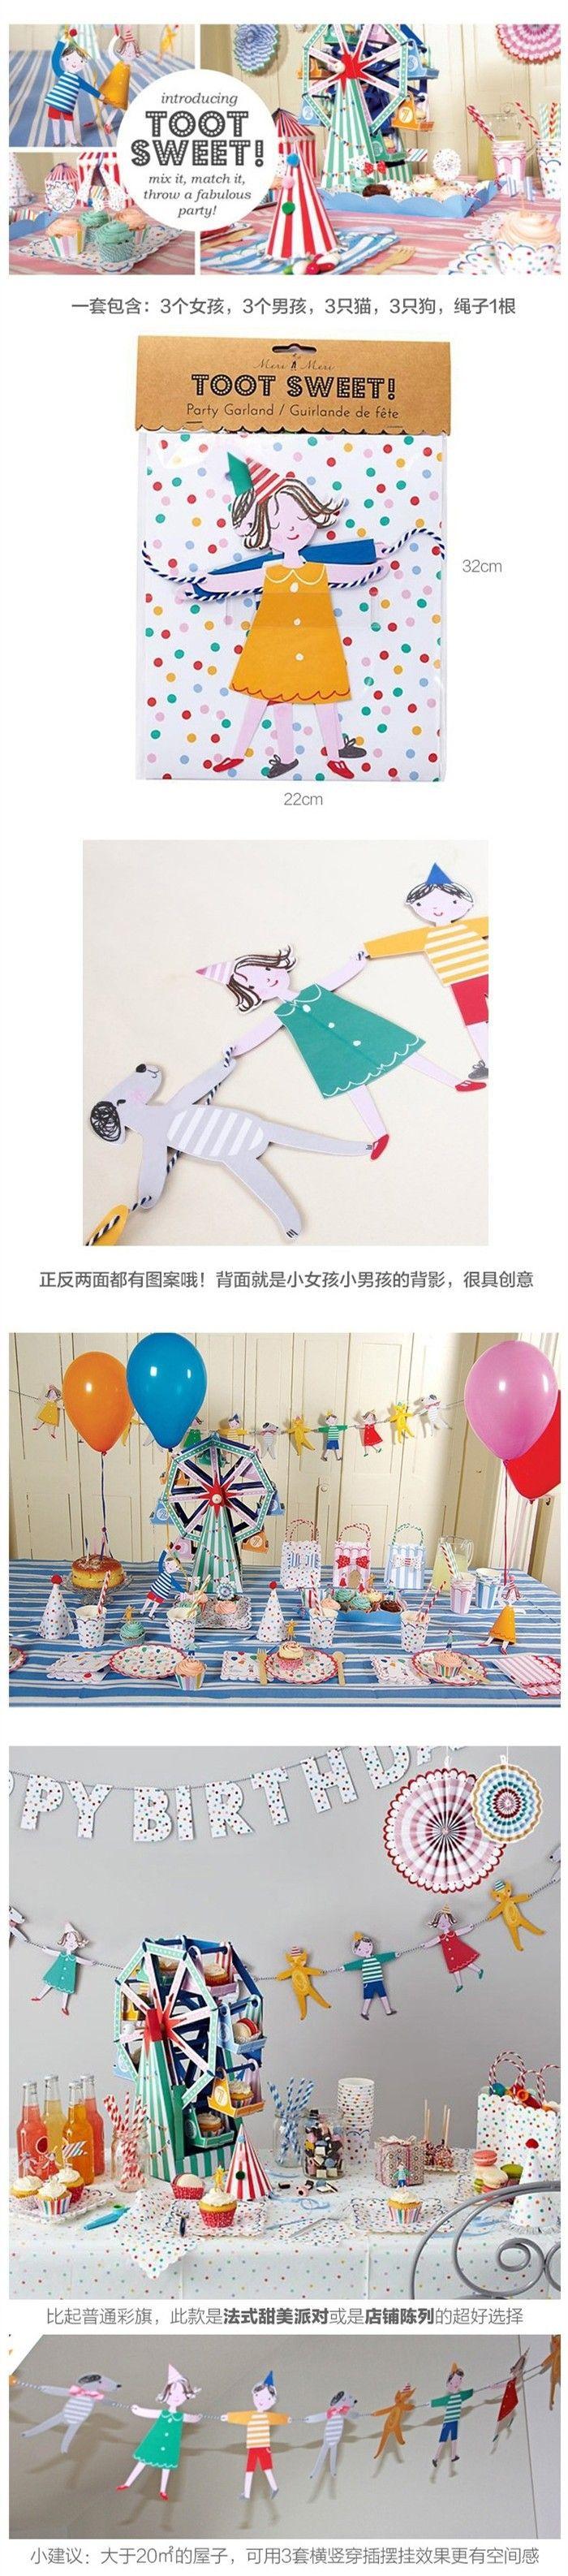 Бесплатная доставка цвет ну вечеринку овсянка 1 баннер / мешок, 12 флагов в овсянка ну вечеринку выступает с днем рождения украшения дети рука об руку купить на AliExpress